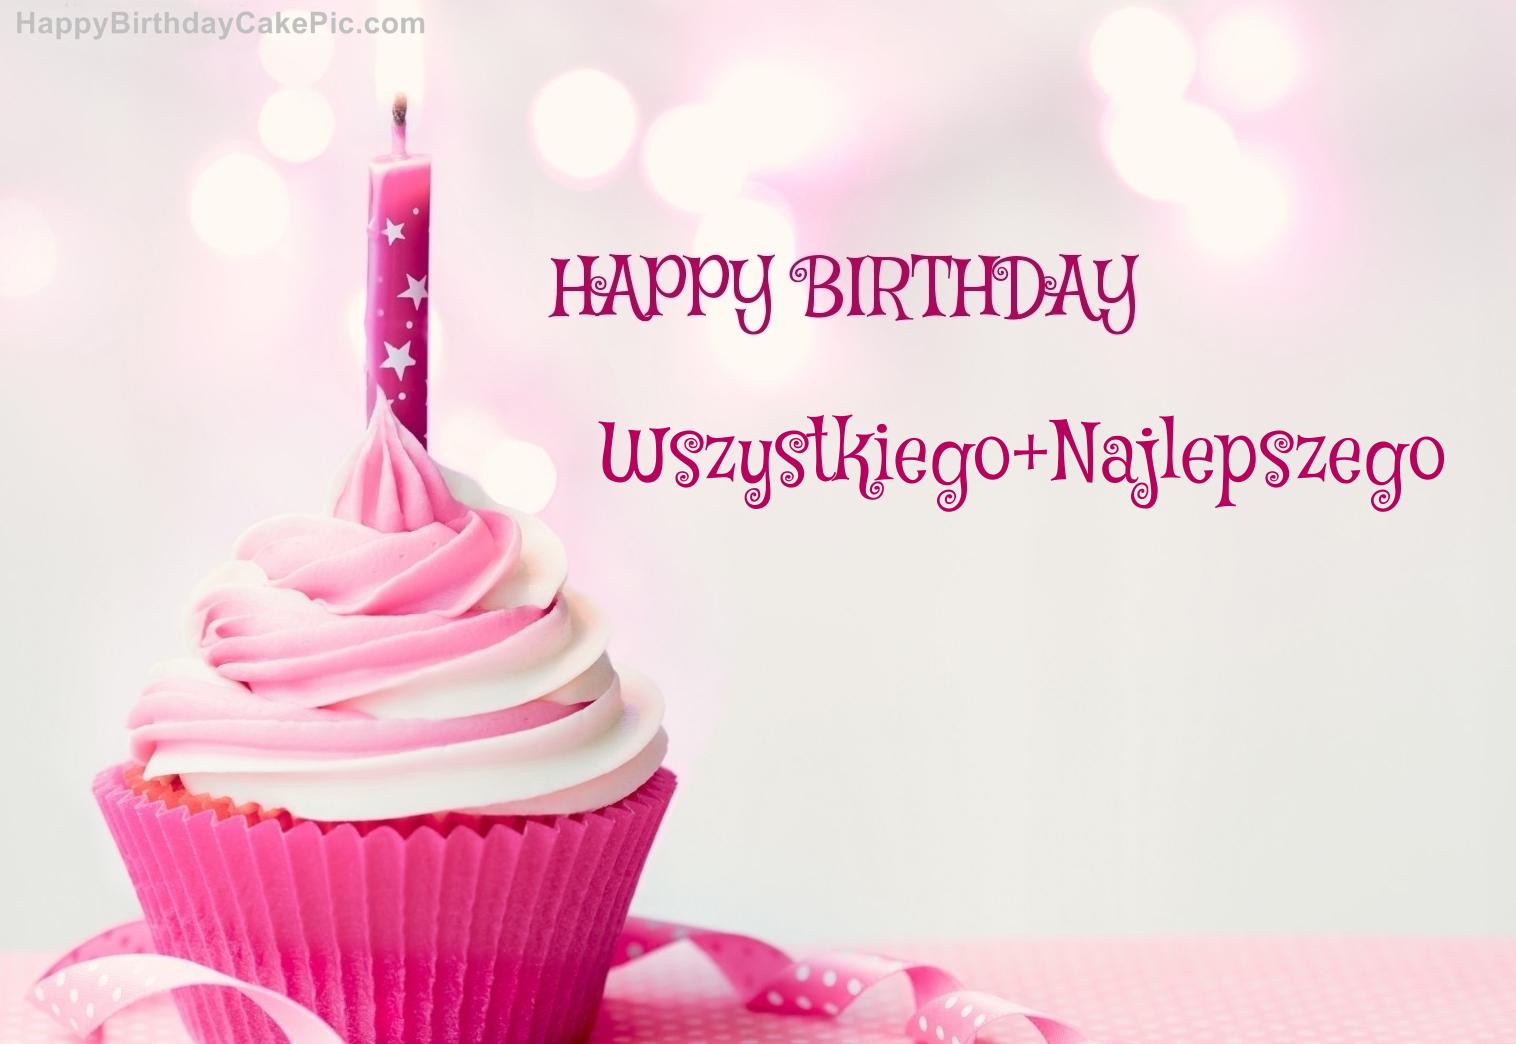 Happy Birthday Cupcake Candle Pink Cake For Wszystkiego